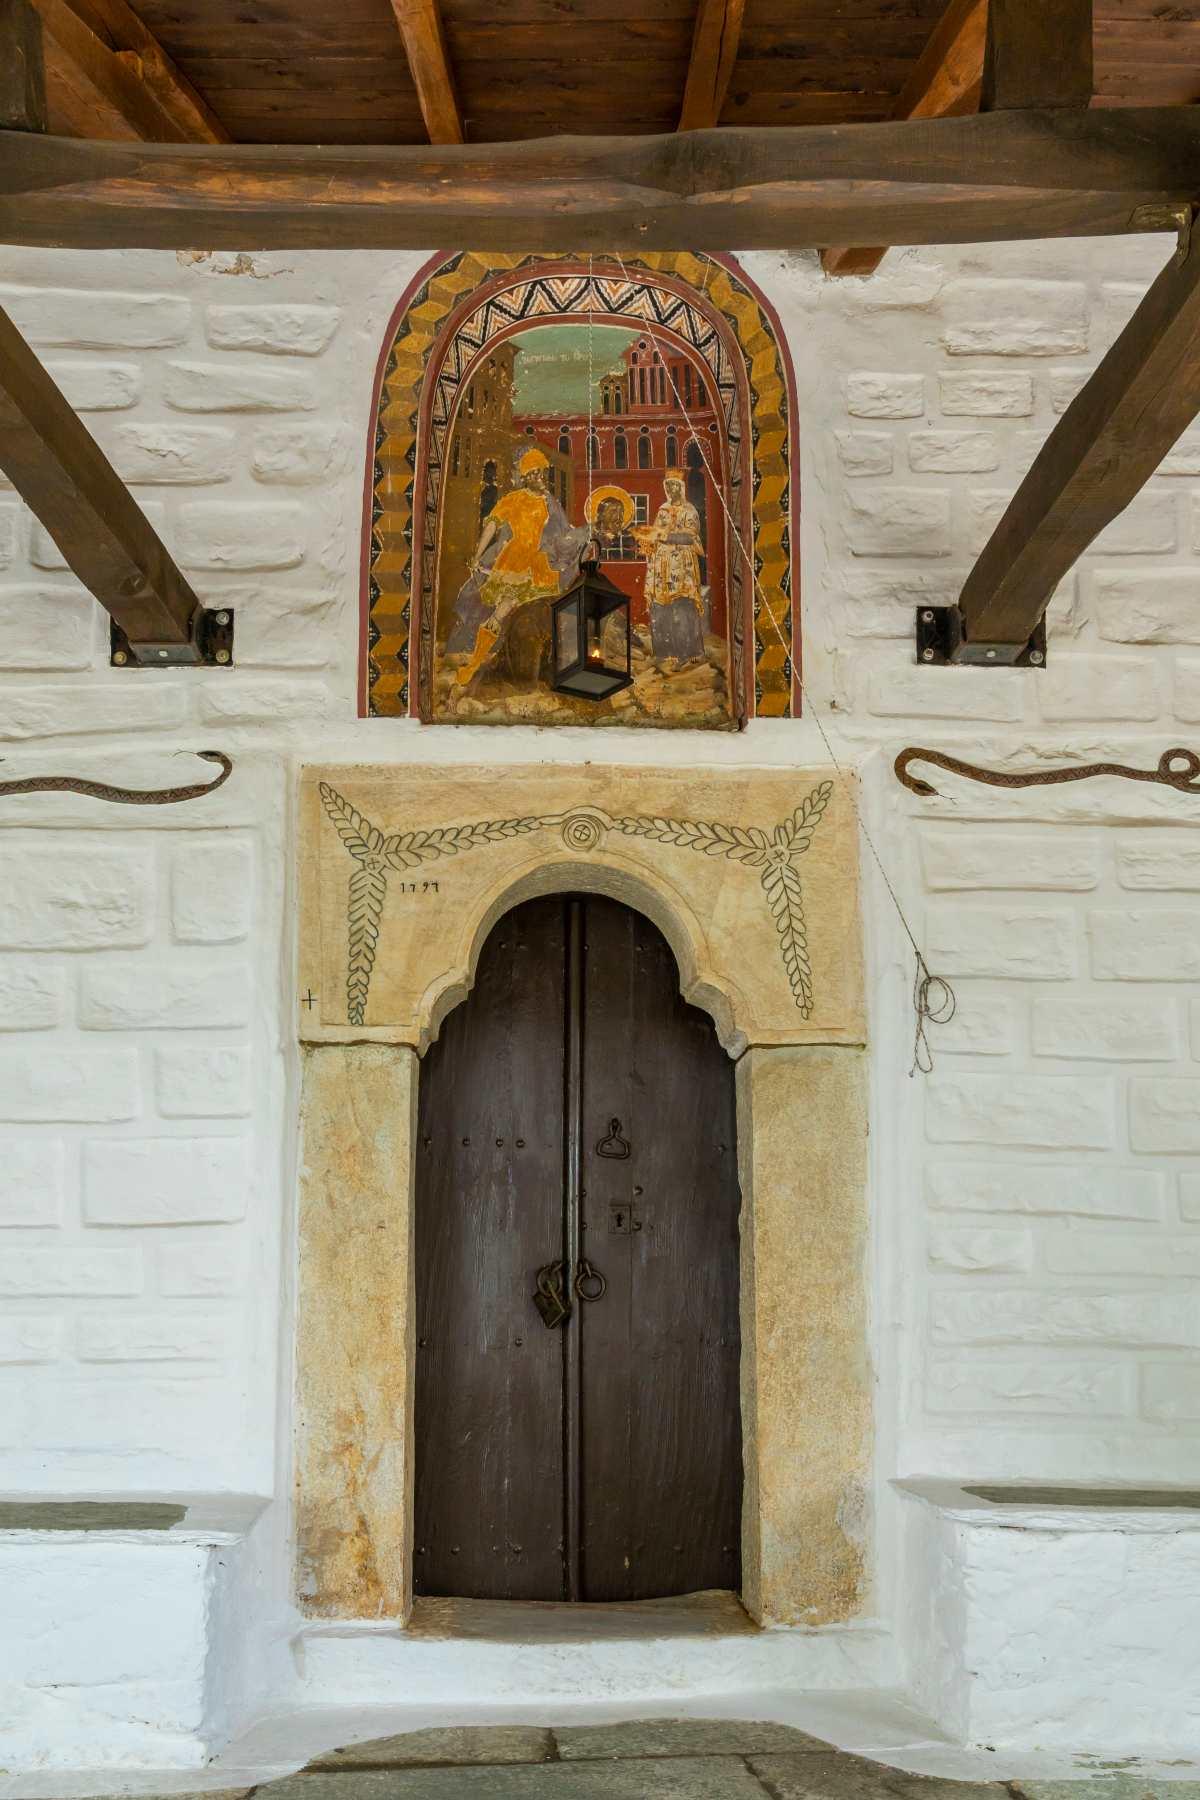 Βυζίτσα, Πηλιο, εκκλησία της Ζωοδόχου Πηγής